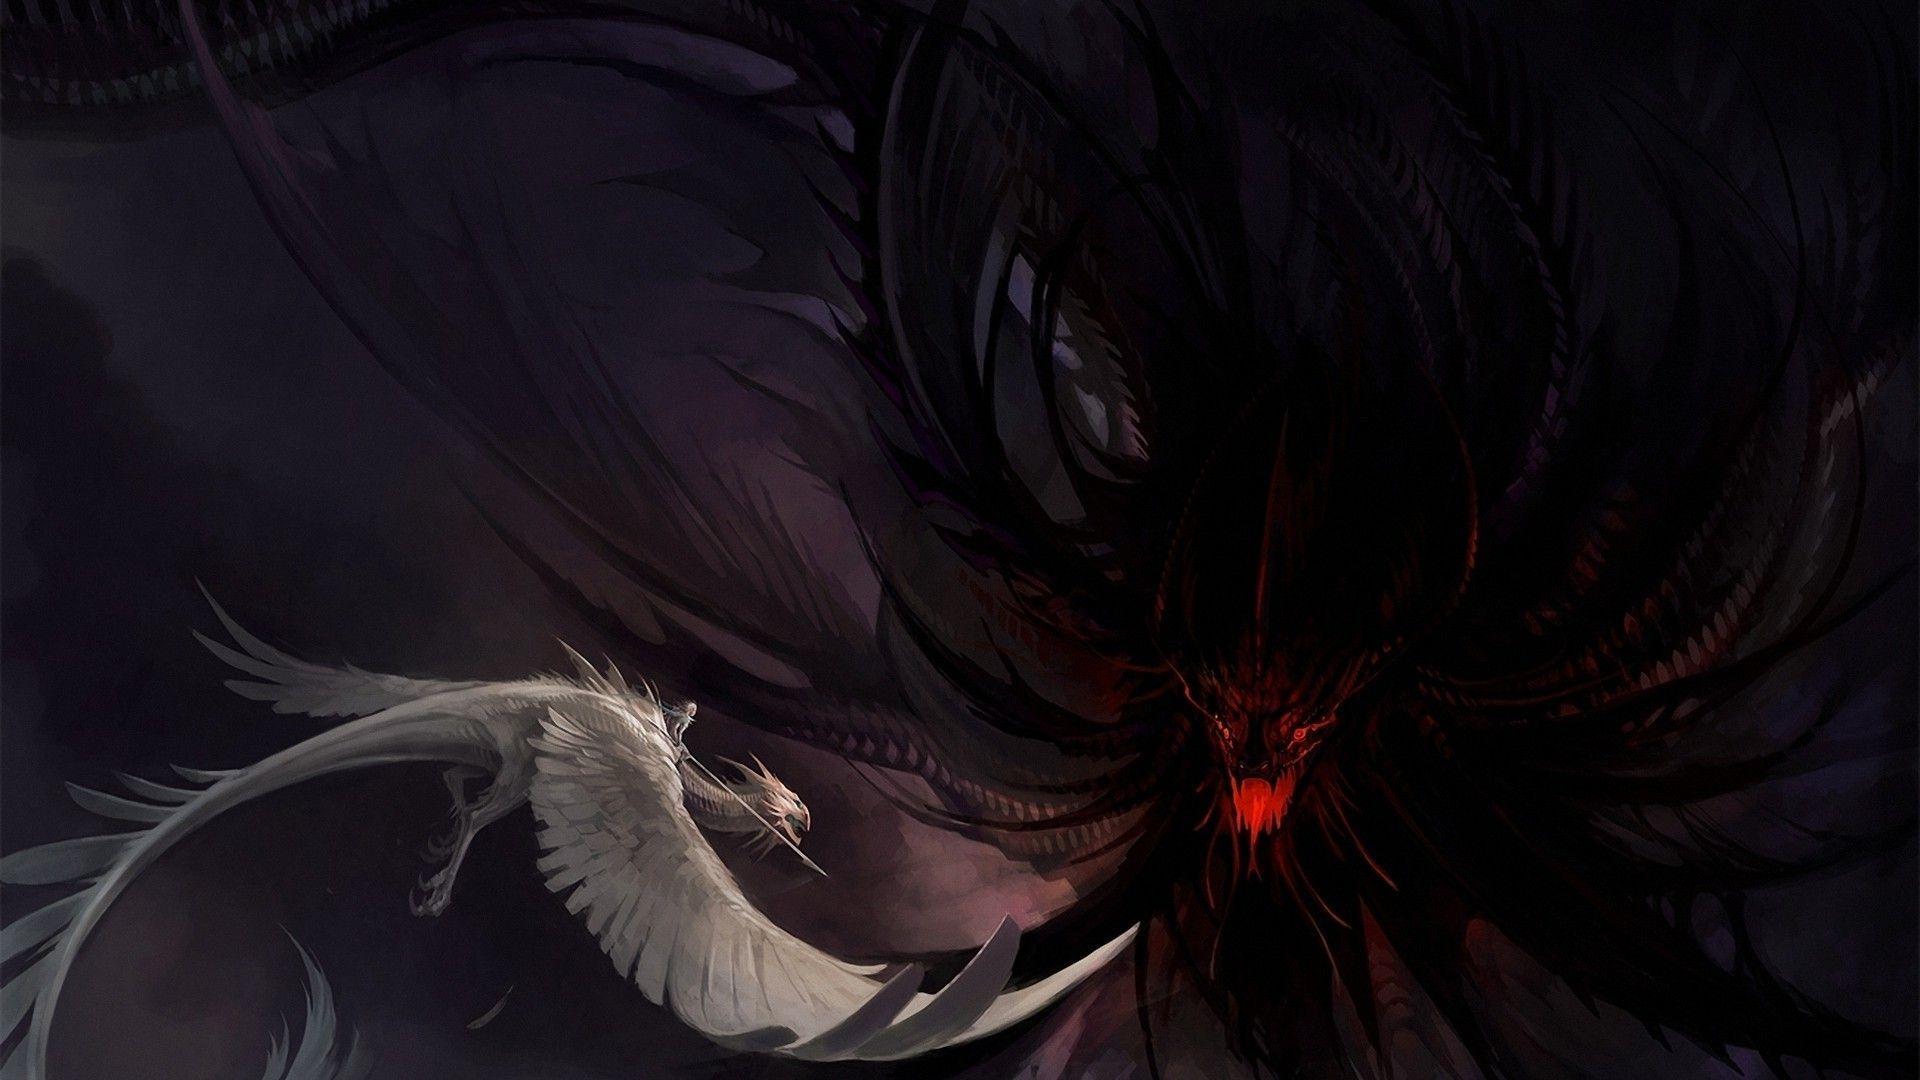 1920x1080 Hình nền sói quỷ